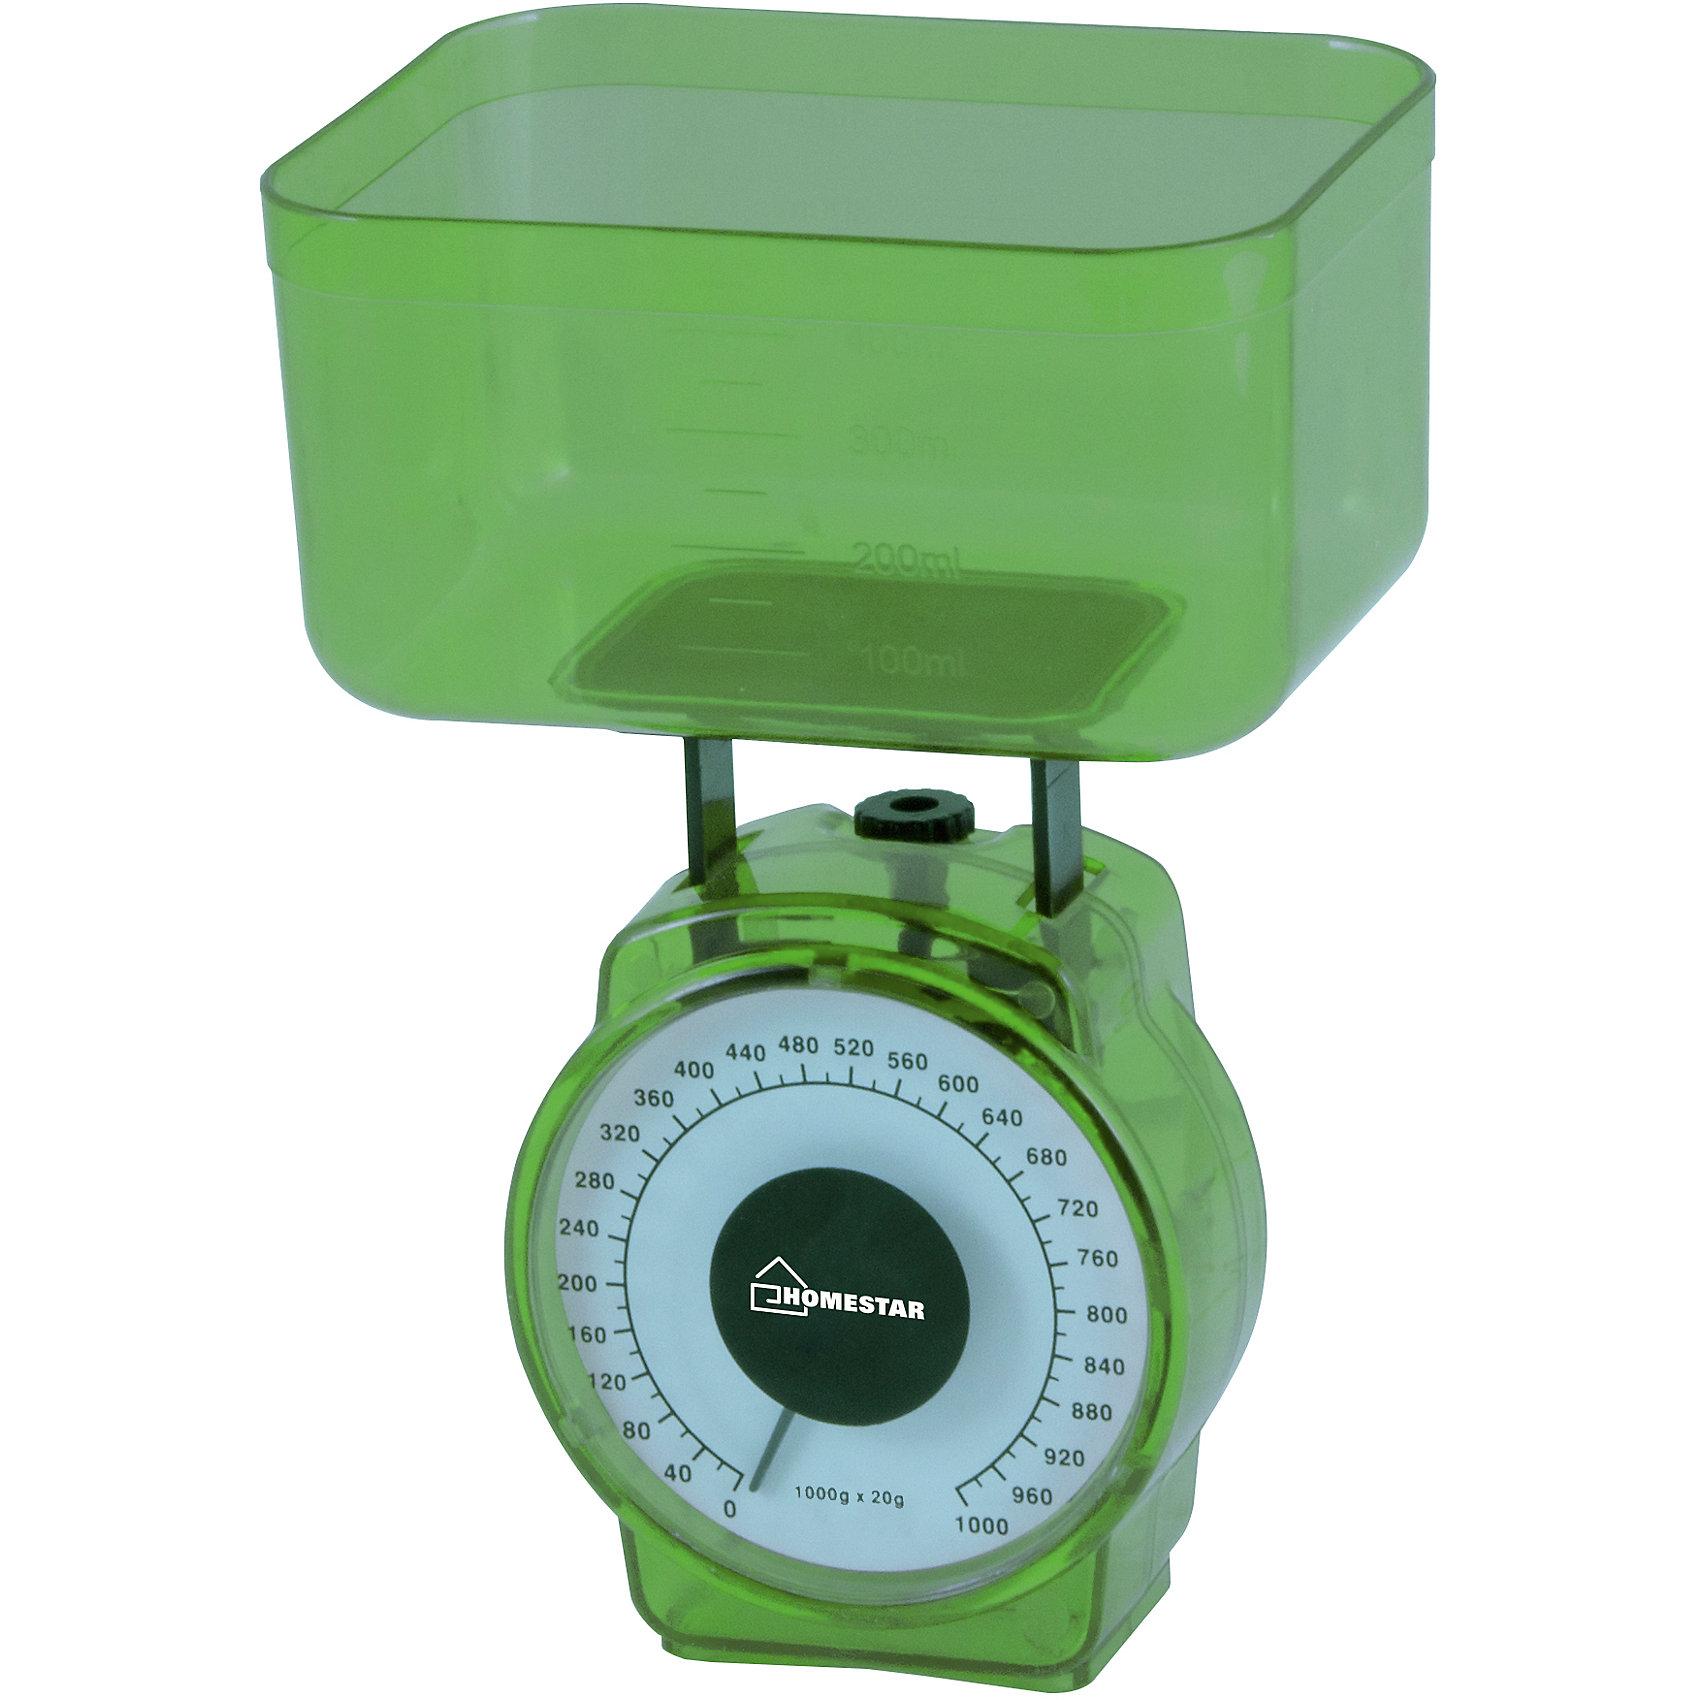 Весы кухонные механические  HS-3004М, HOMESTAR, зеленыйБытовая техника для кухни<br>Весы кухонные механические HS-3004М, HOMESTAR (ХоумСтар), зеленый<br><br>Характеристики:<br><br>• точное измерение веса продуктов<br>• цена деления: 20 грамм<br>• объем чаши: 400 мл<br>• максимальная нагрузка: 1 кг<br>• материал: металл, пластик<br>• цвет: зеленый<br><br>Для приготовления вкусных блюд вам может понадобиться измерение вес необходимых ингредиентов. Механические вес HS-3004M точно измерят вес продуктов. Цена одного деления - 20 грамм. Чаша объемом 400 мл снимается и легко очищается от загрязнений. Максимальная нагрузка составляет 1 килограмм. Весы HS-3004M - лучший помощник для хозяек.<br><br>Весы кухонные механические HS-3004М, HOMESTAR (ХоумСтар), зеленый вы можете купить в нашем интернет-магазине.<br><br>Ширина мм: 100<br>Глубина мм: 70<br>Высота мм: 120<br>Вес г: 156<br>Возраст от месяцев: 216<br>Возраст до месяцев: 1188<br>Пол: Унисекс<br>Возраст: Детский<br>SKU: 5454043